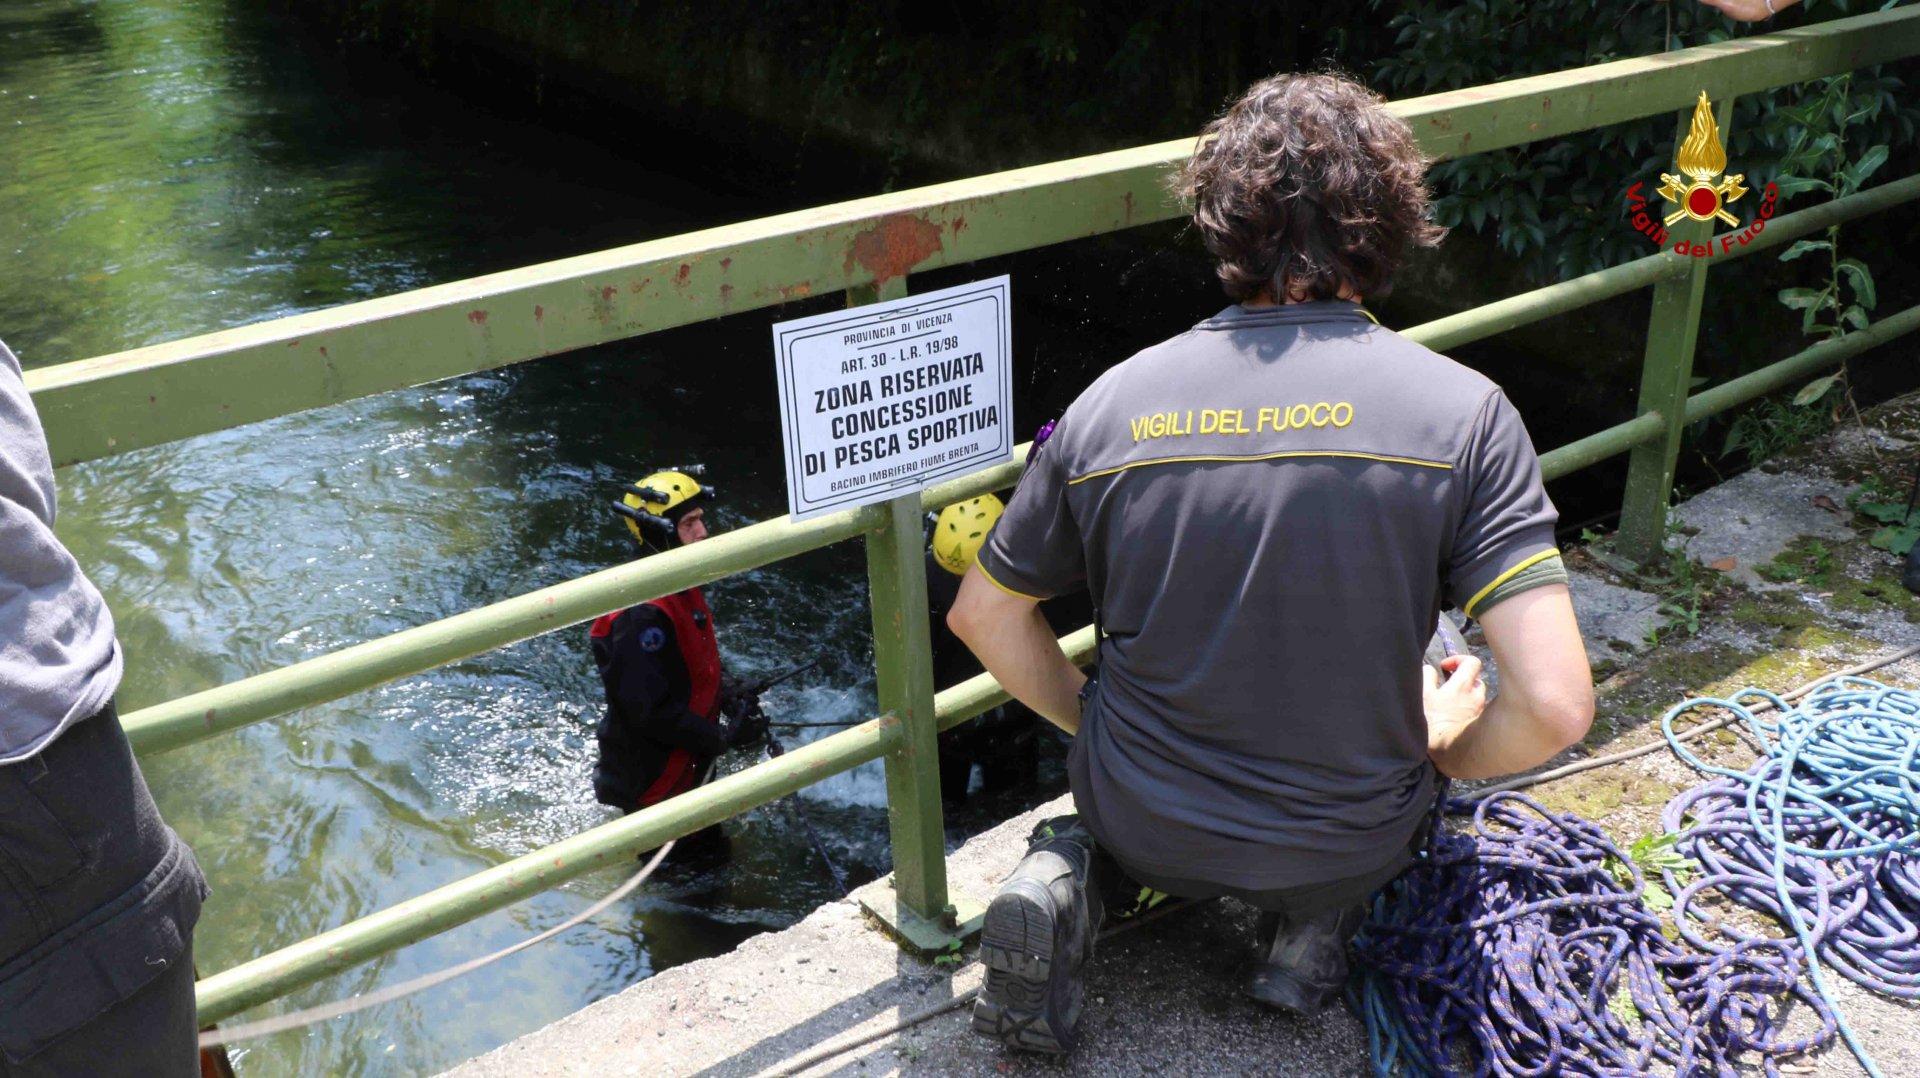 Bambino morto nel canale, i dettagli del recupero. Sommozzatori , vigili del fuoco e l